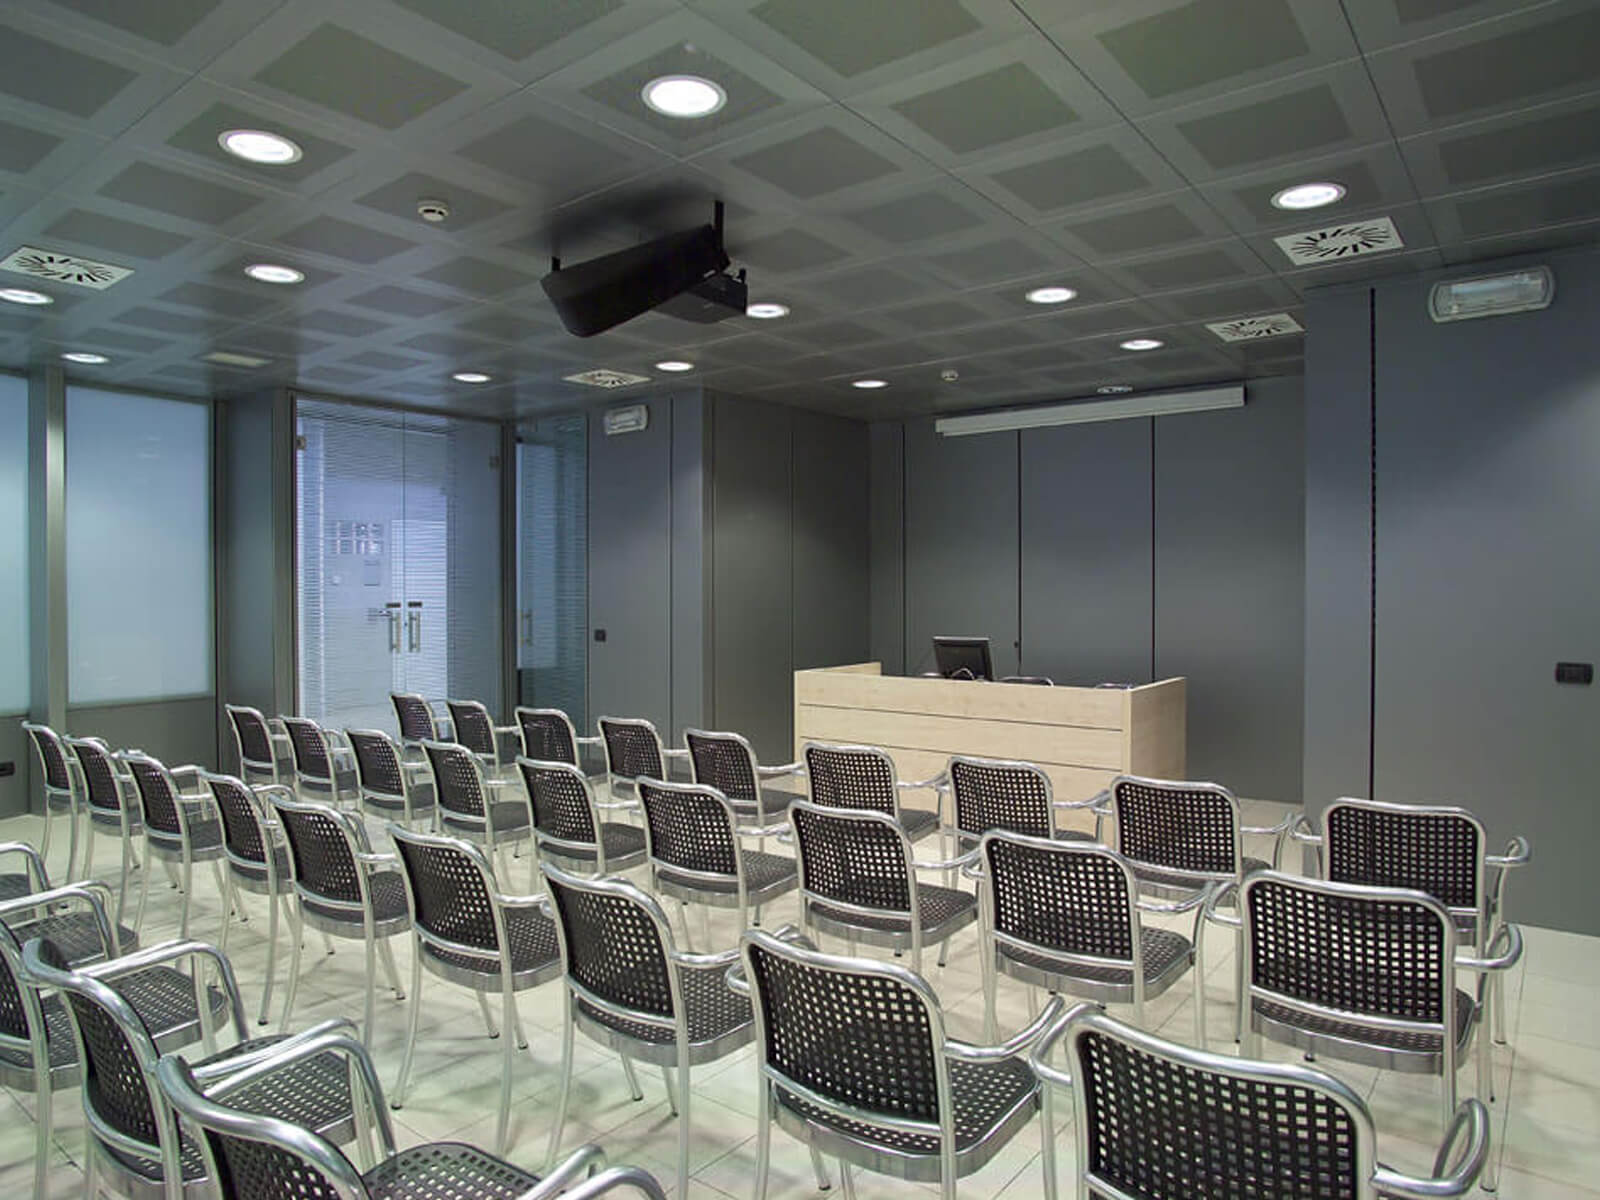 Dimensioni Sala Conferenze 100 Posti.Spazi E Sale Conferenze E Corsi A Bergamo Point